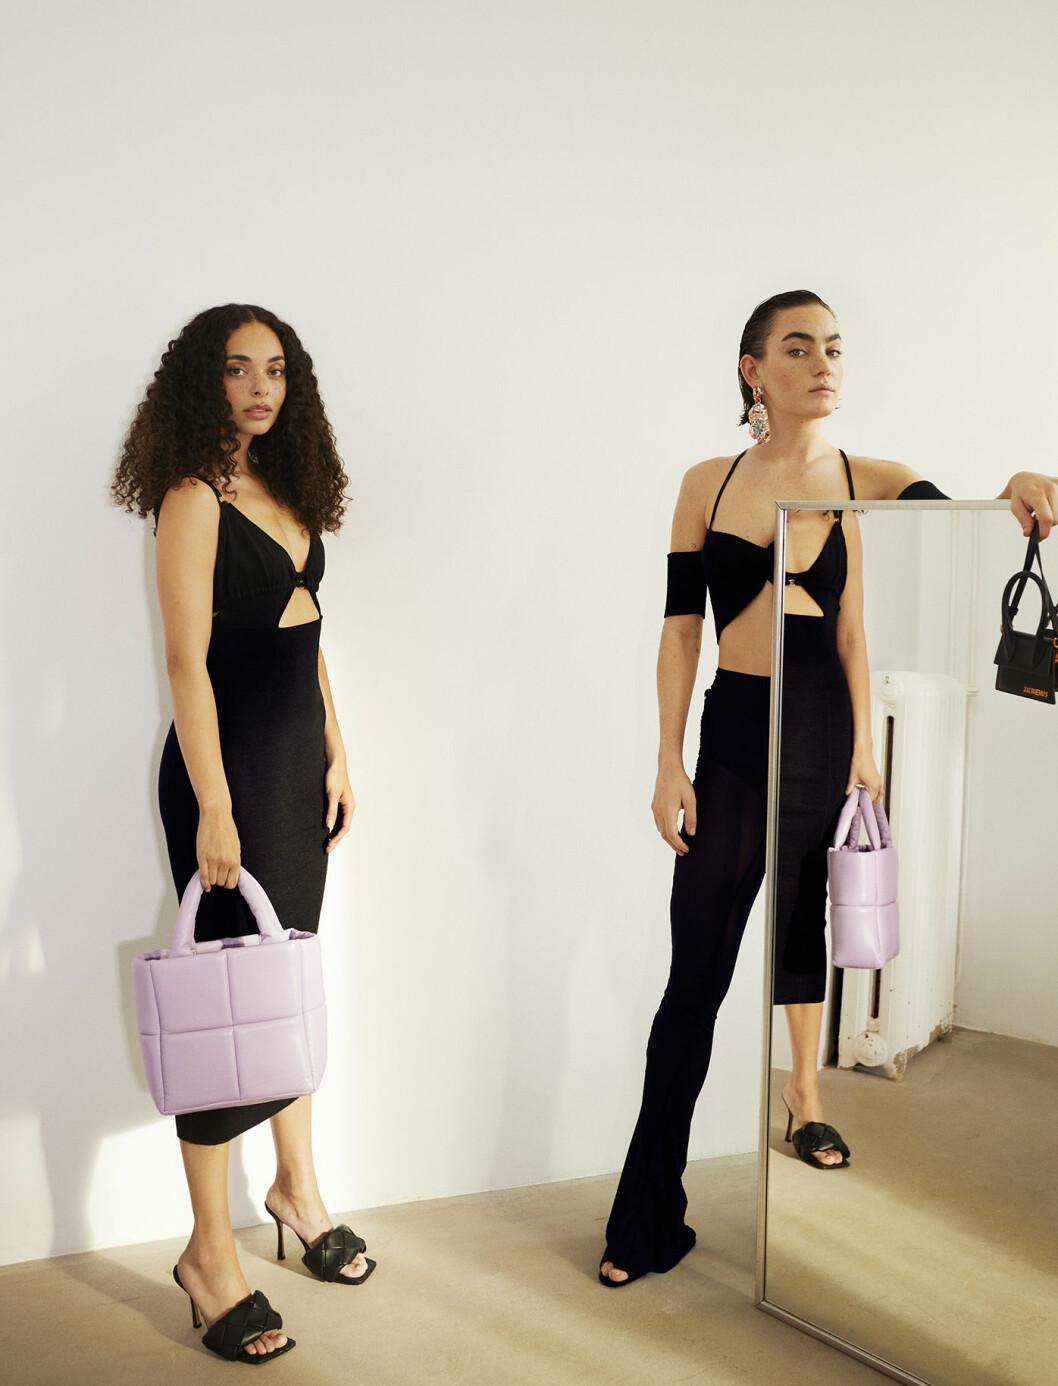 Chanelle har på sig klänning från Jacquemus/MyTheresa. Agnes har på sig topp från Jacquemus/MyTheresa och byxor från Jade Cropper